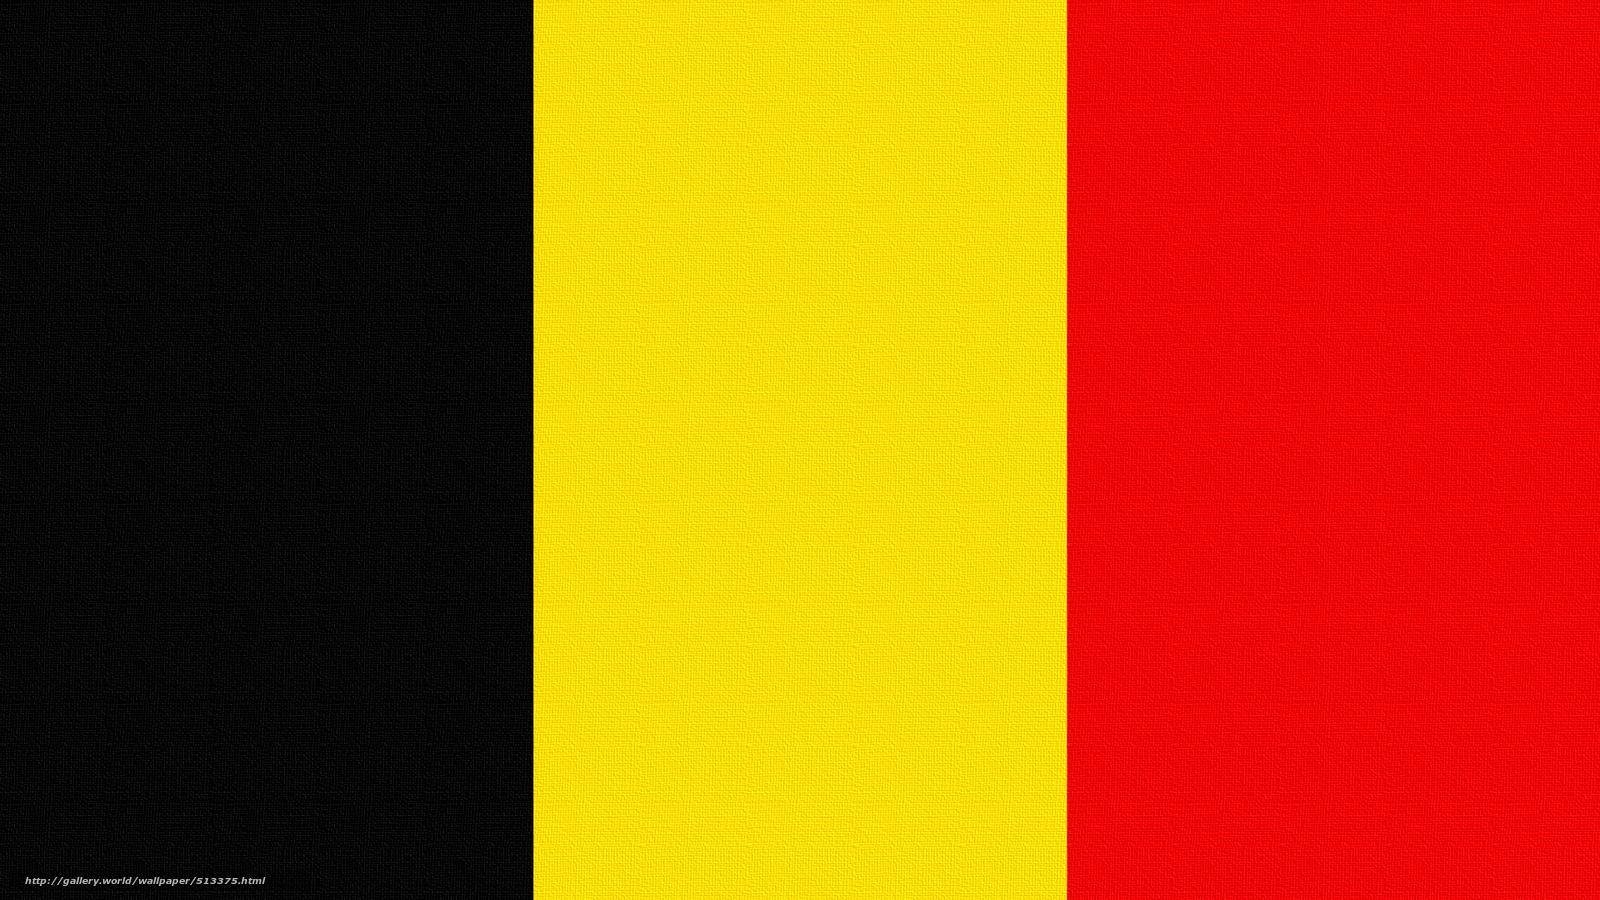 tlcharger fond d 39 ecran noir drapeau jaune belgique fonds d 39 ecran gratuits pour votre. Black Bedroom Furniture Sets. Home Design Ideas